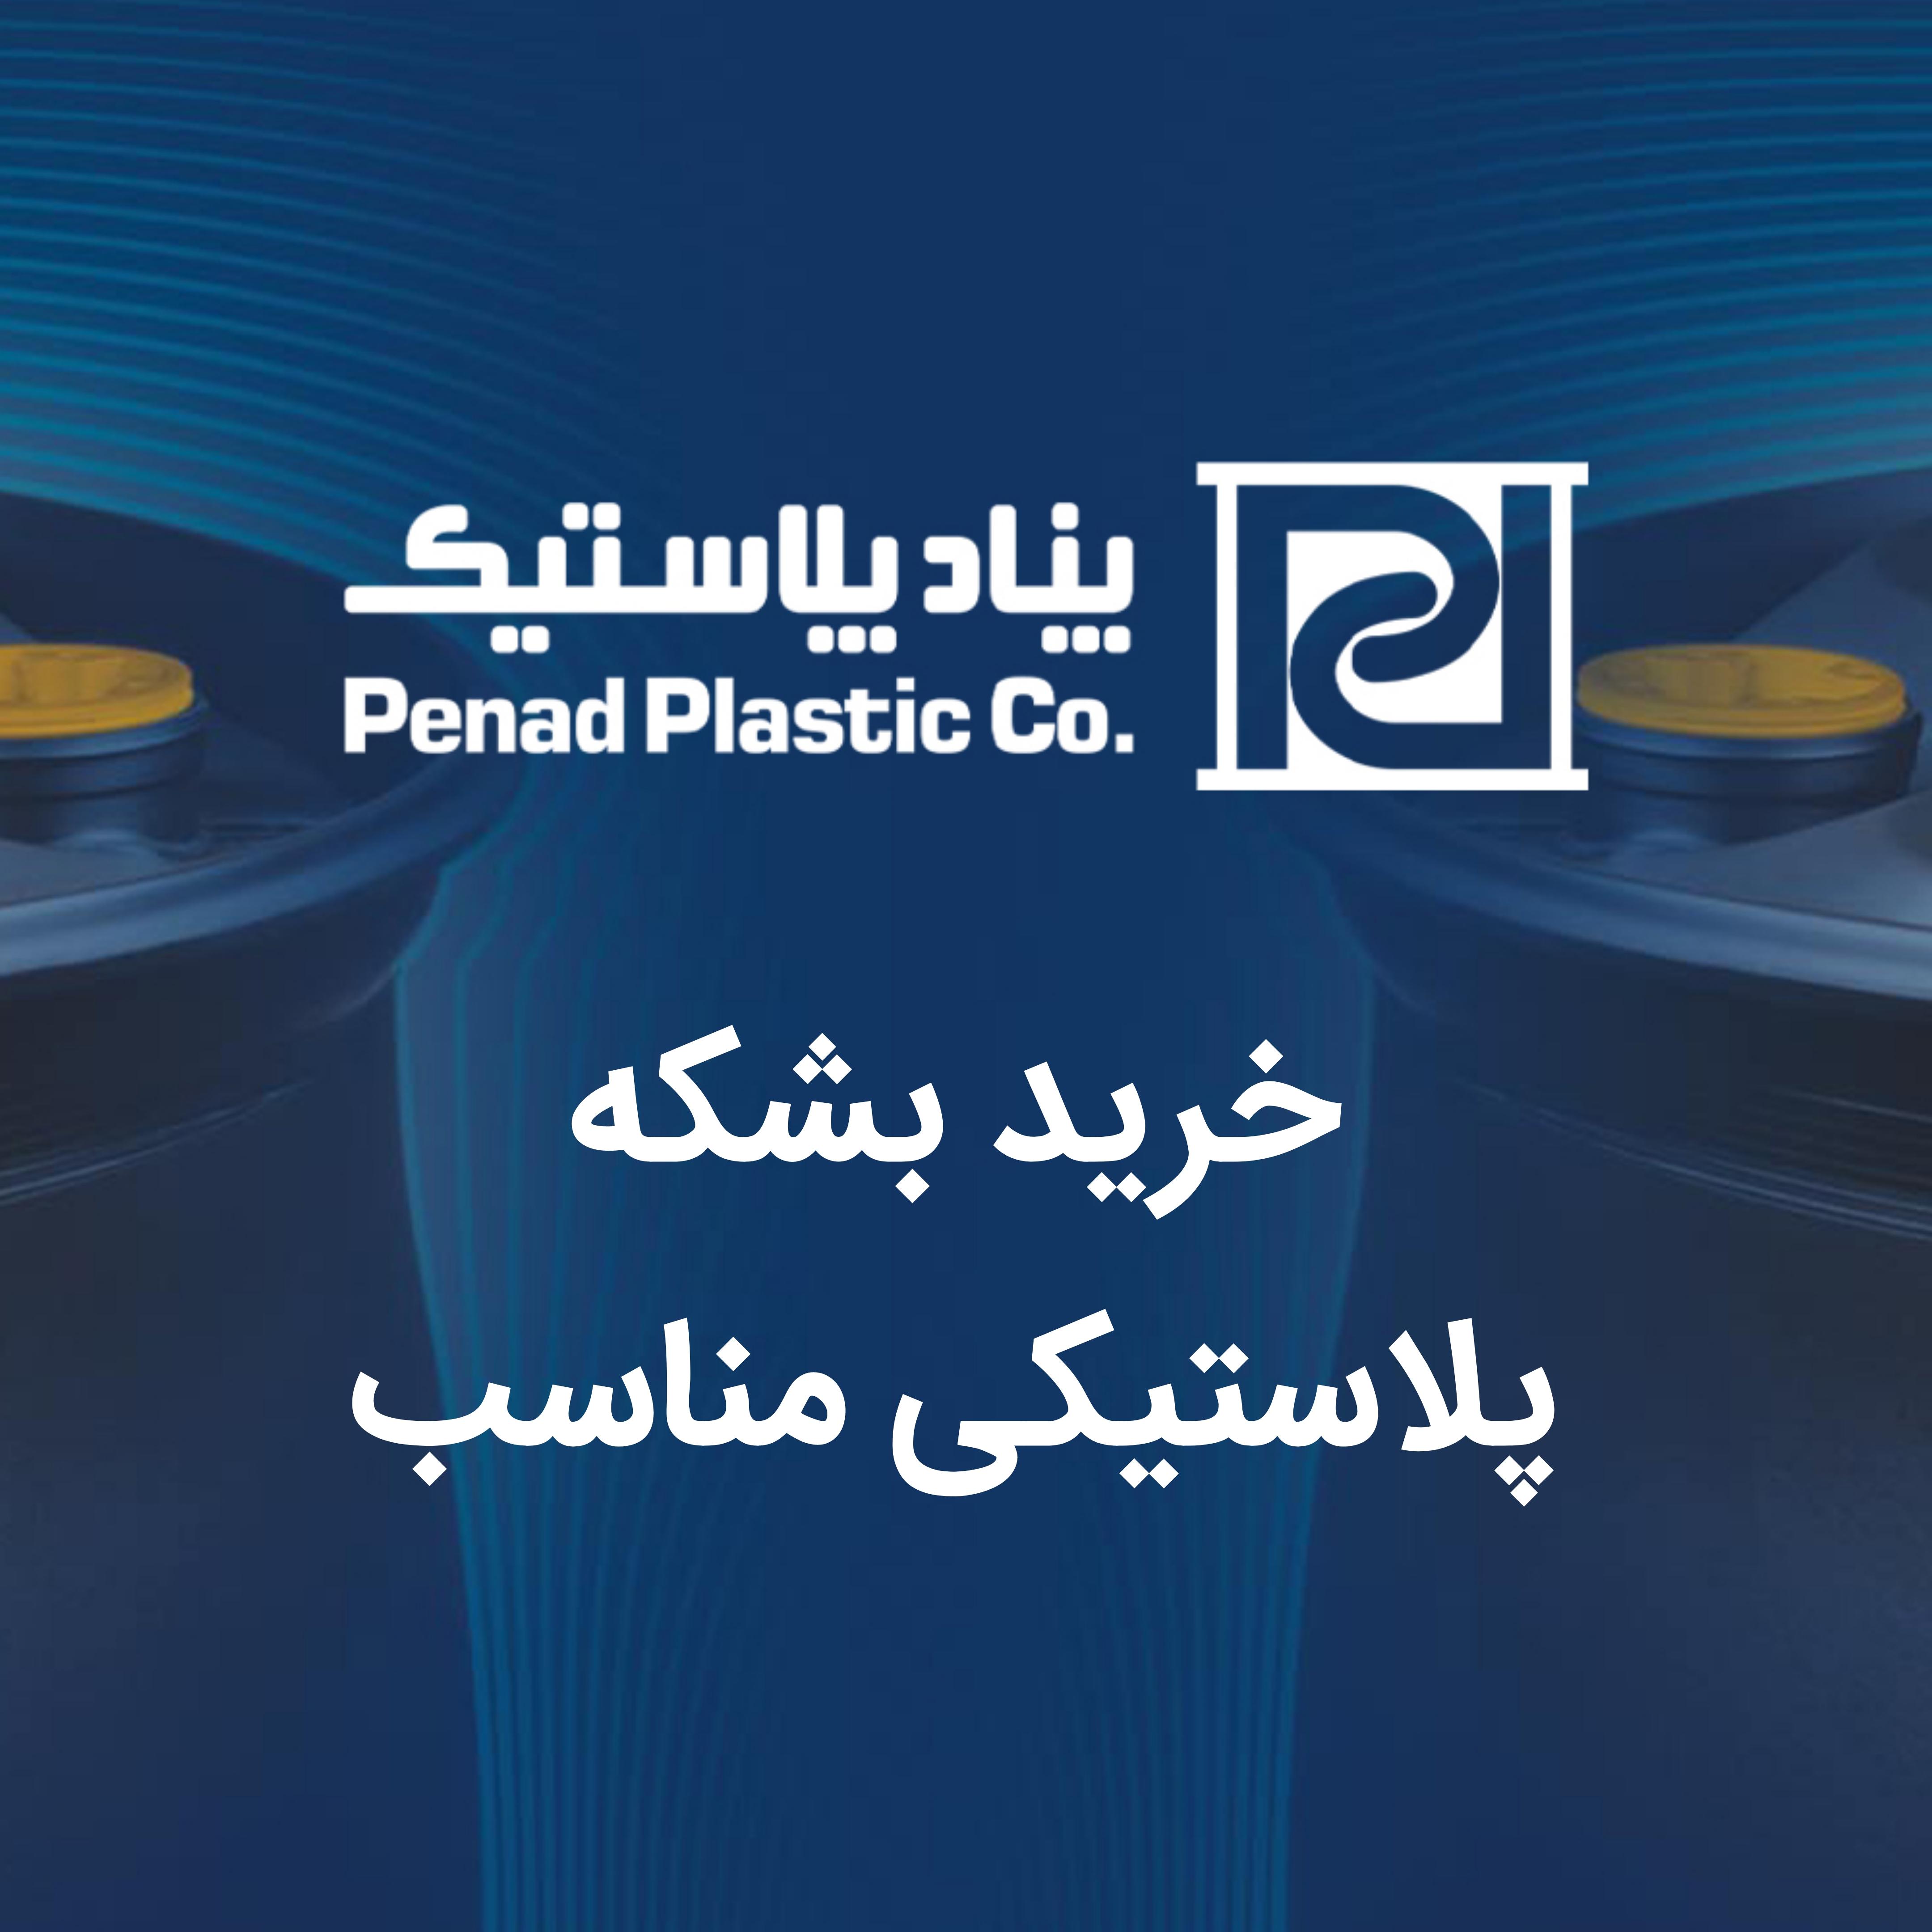 چگونه مناسب ترین بشکه پلاستیکی را خریداری کنیم؟